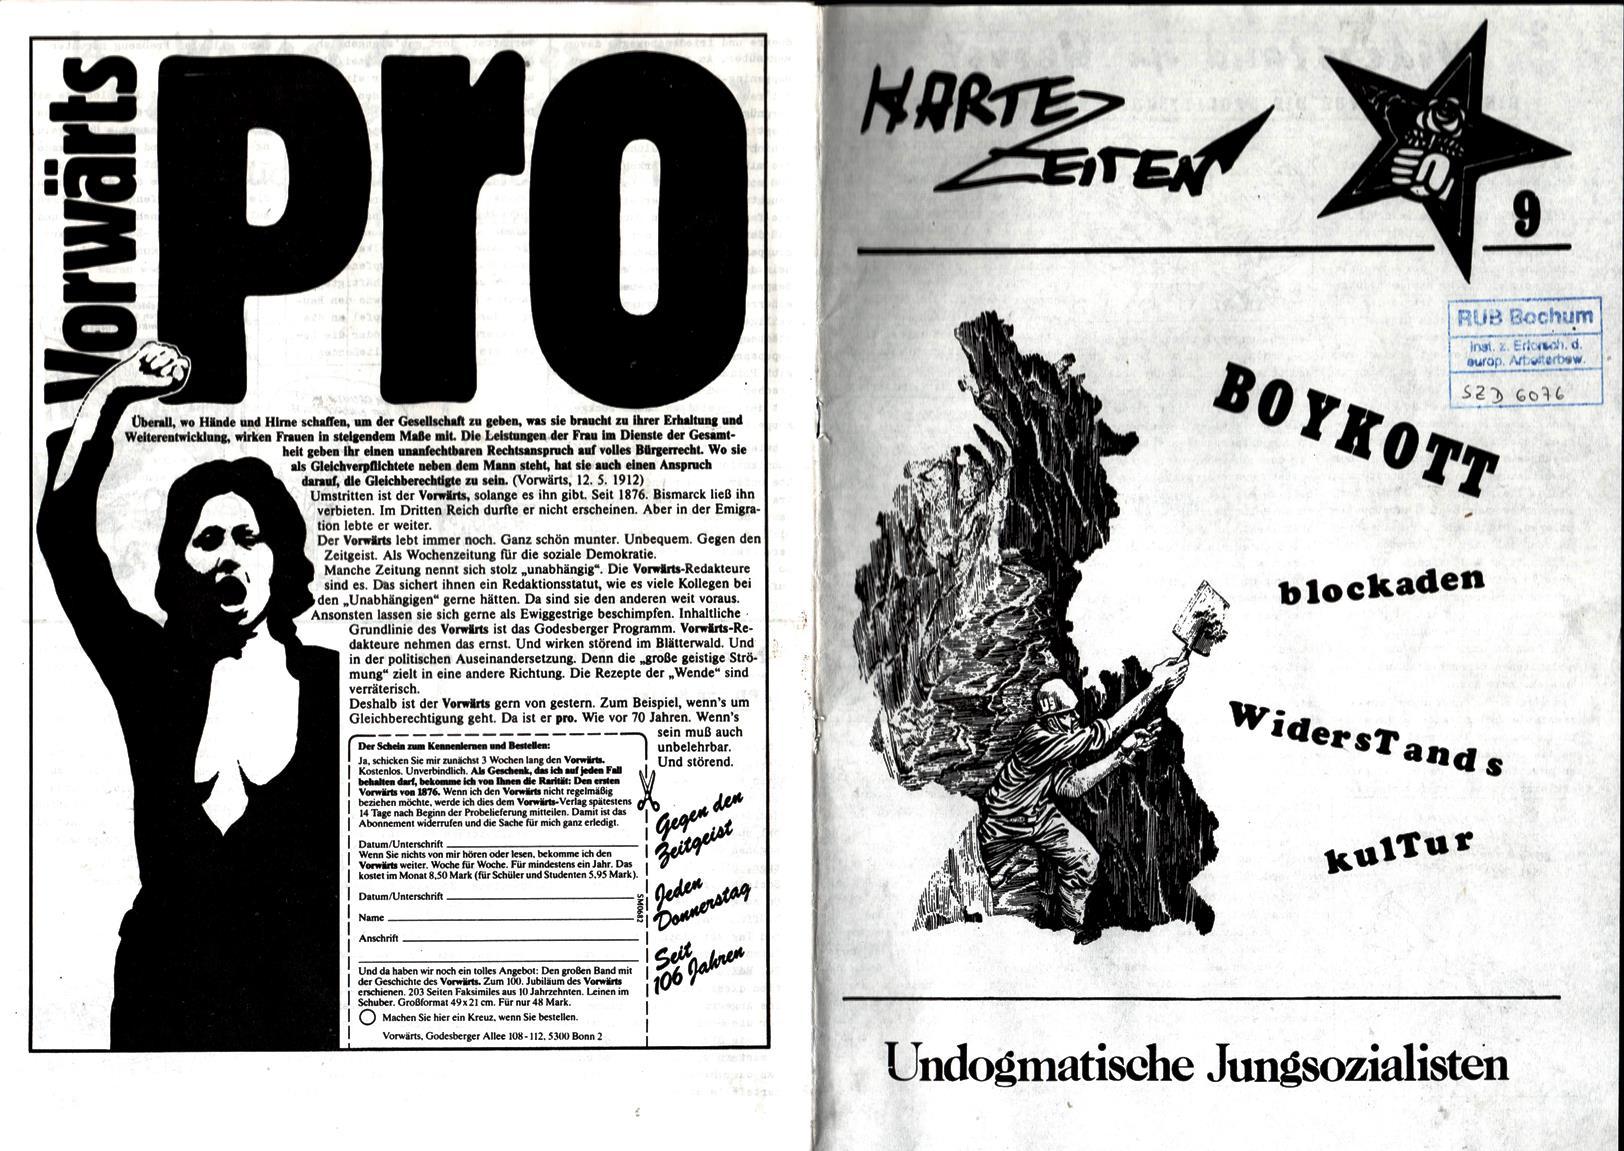 Berlin_Jusos_Harte_Zeiten_19831000_001